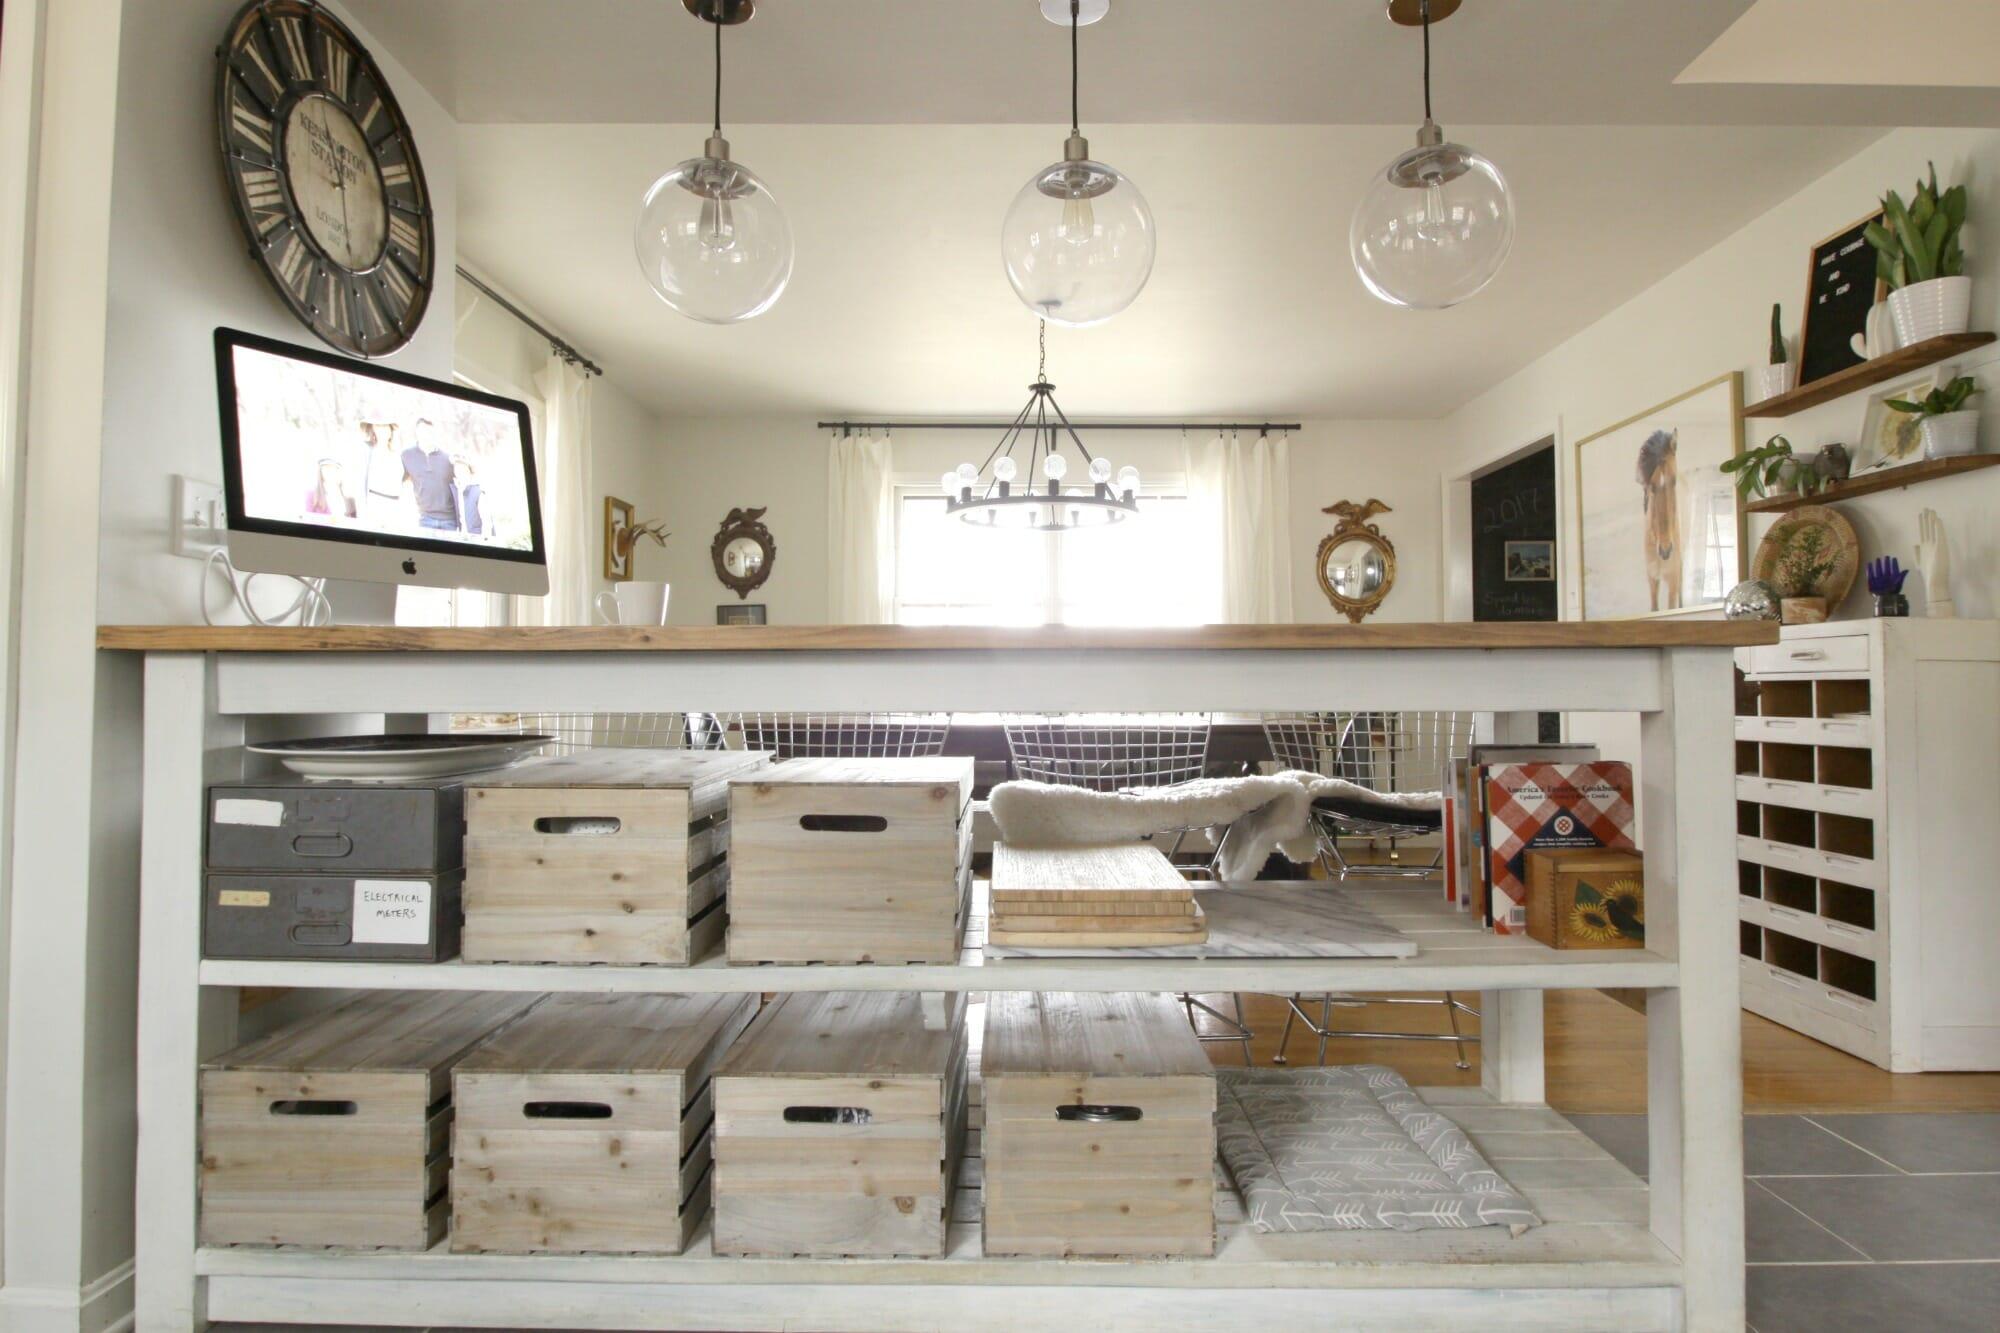 Kitchen Island with Crates Storage Solutions Cassie Bustamante